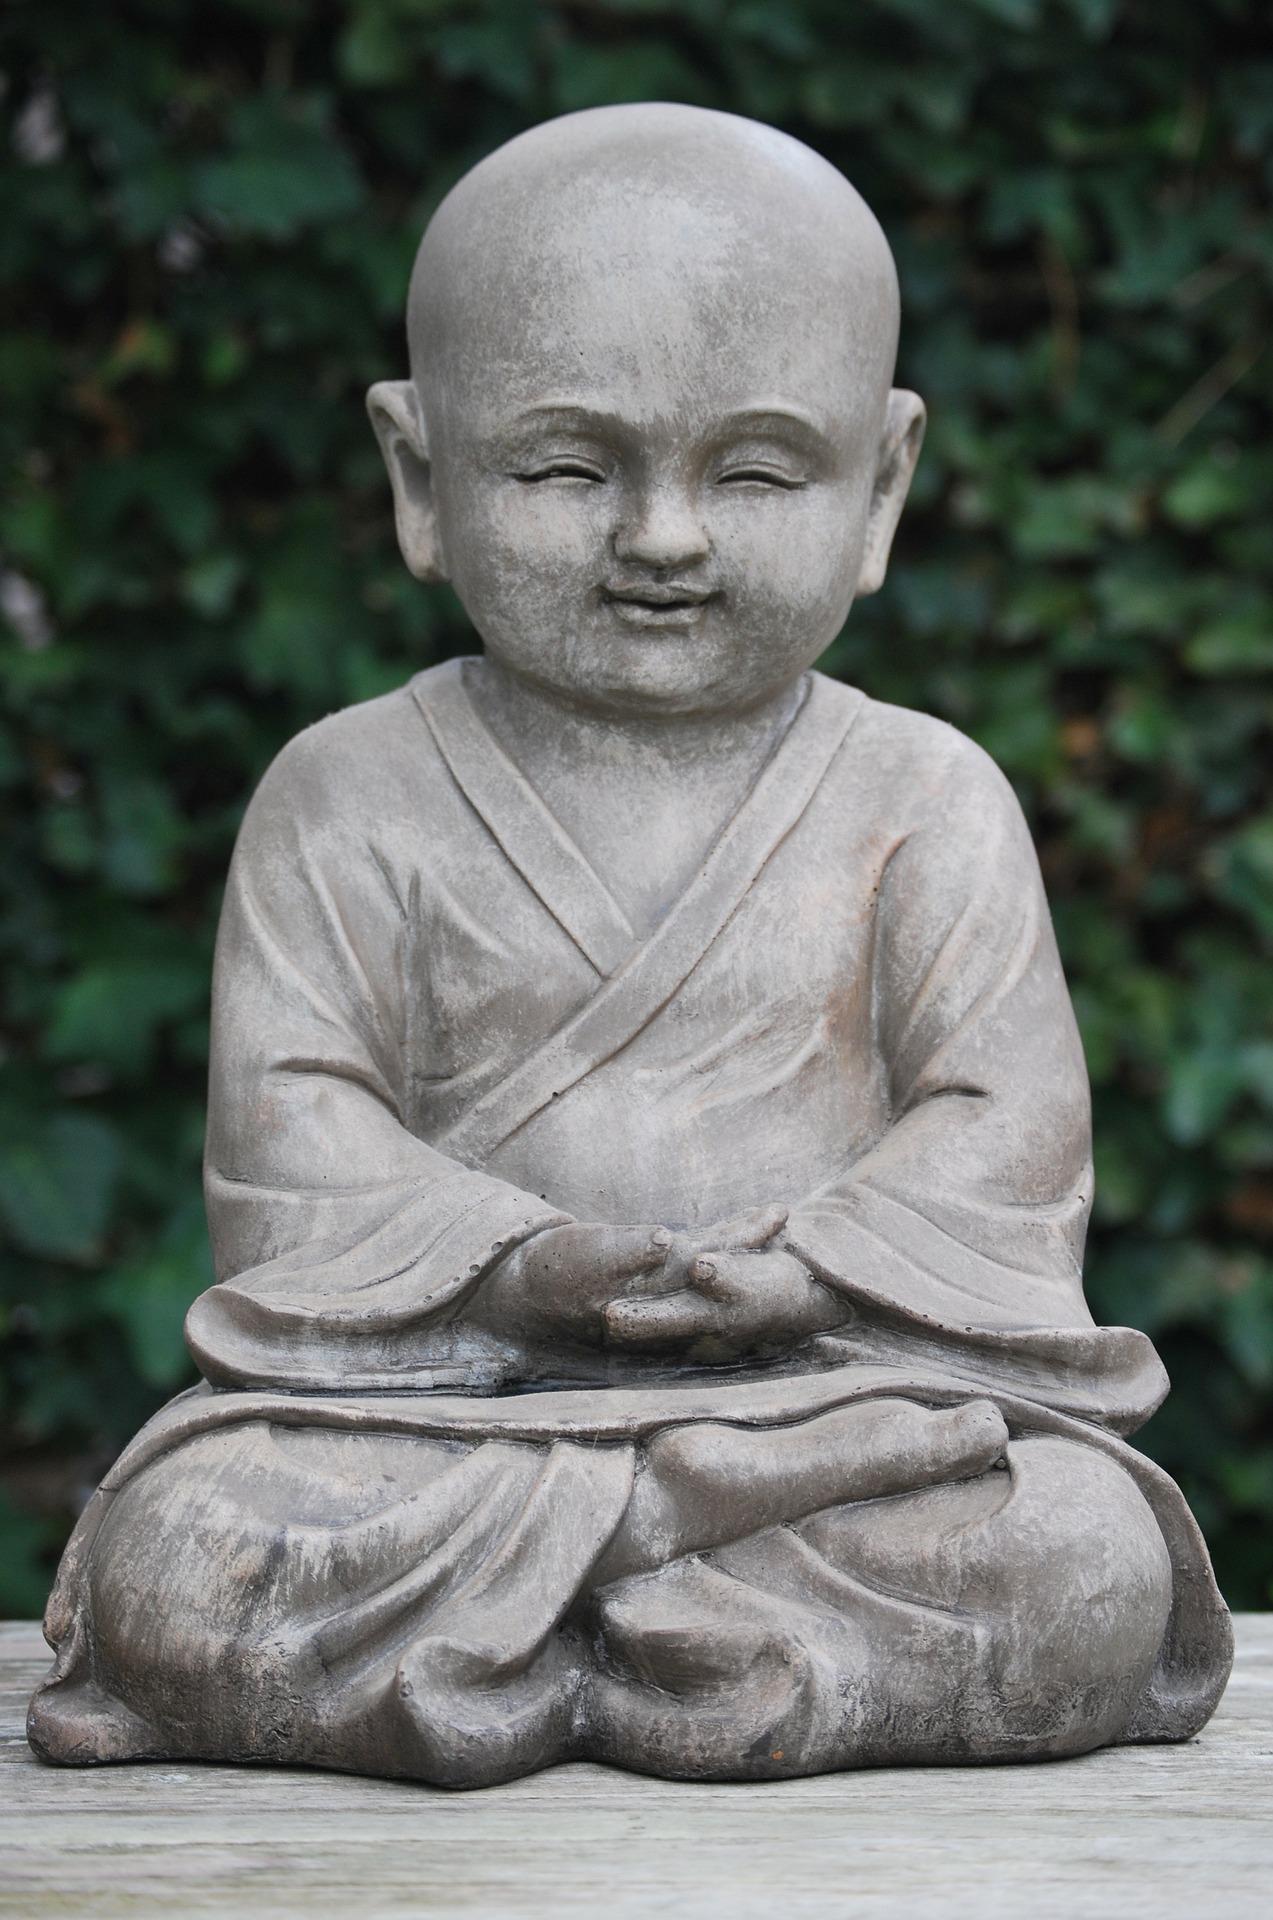 Meditating for Beginners